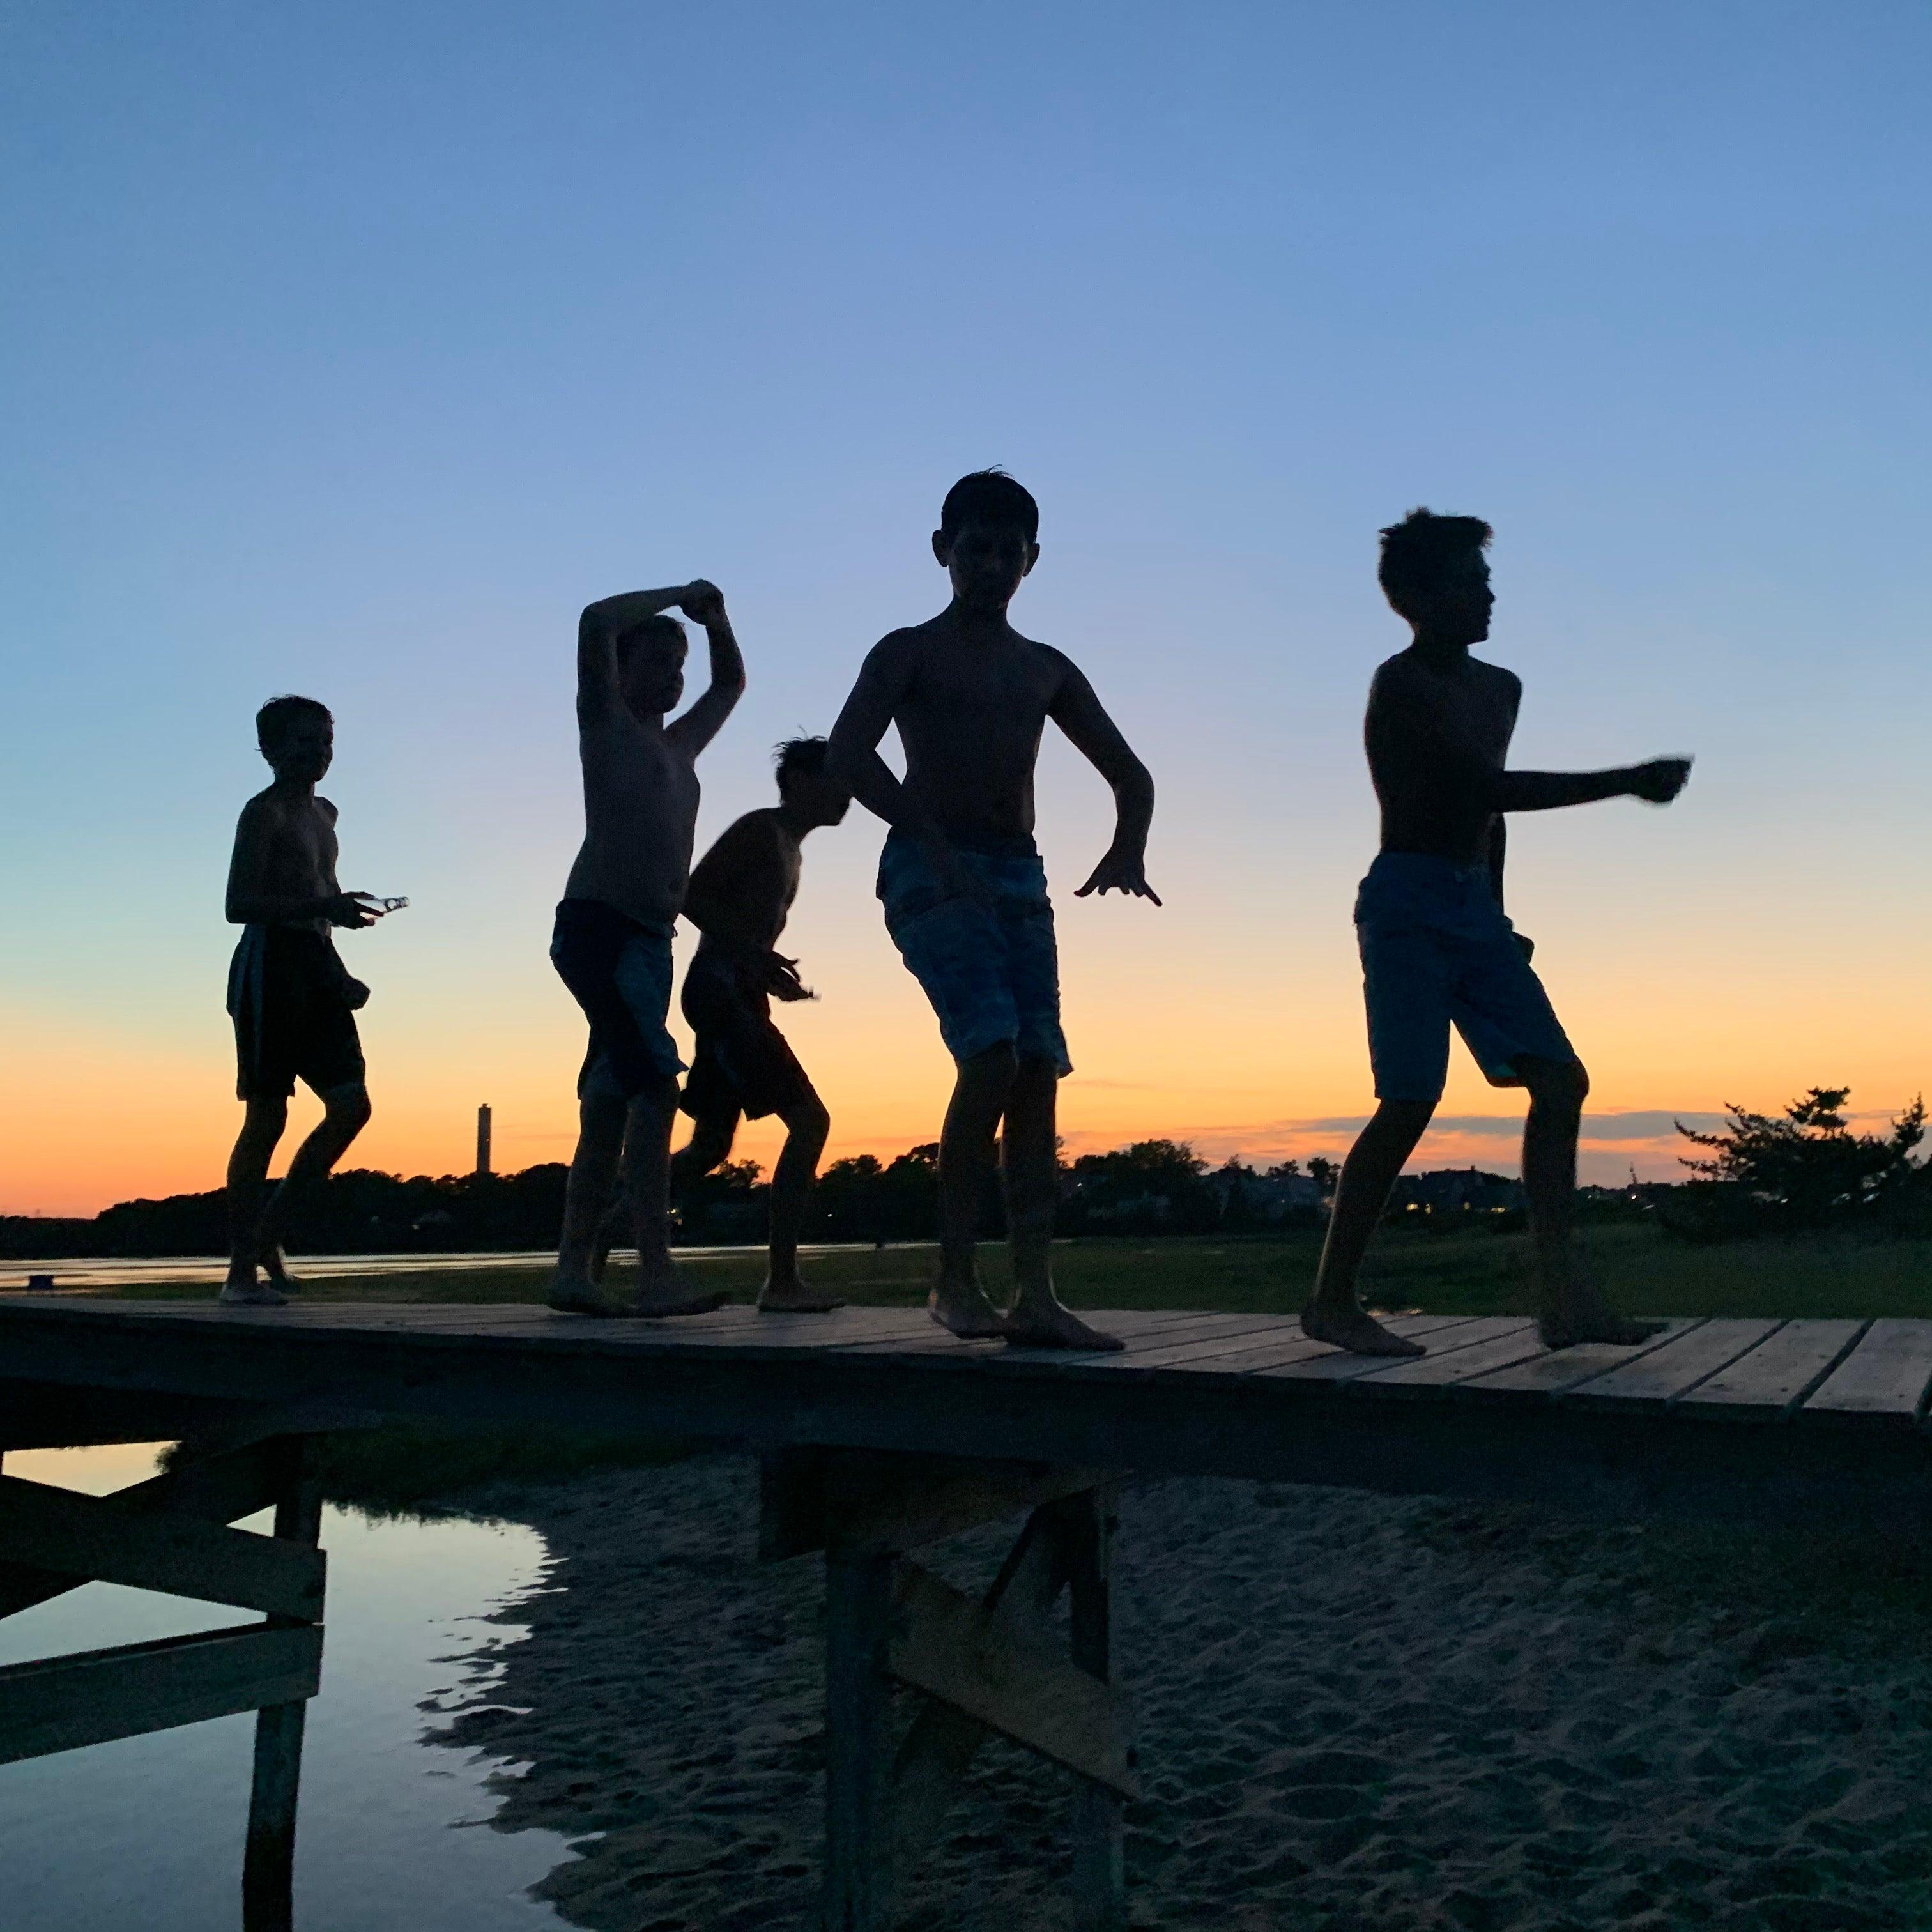 Boys on a boardwalk at sunset in Sandwich